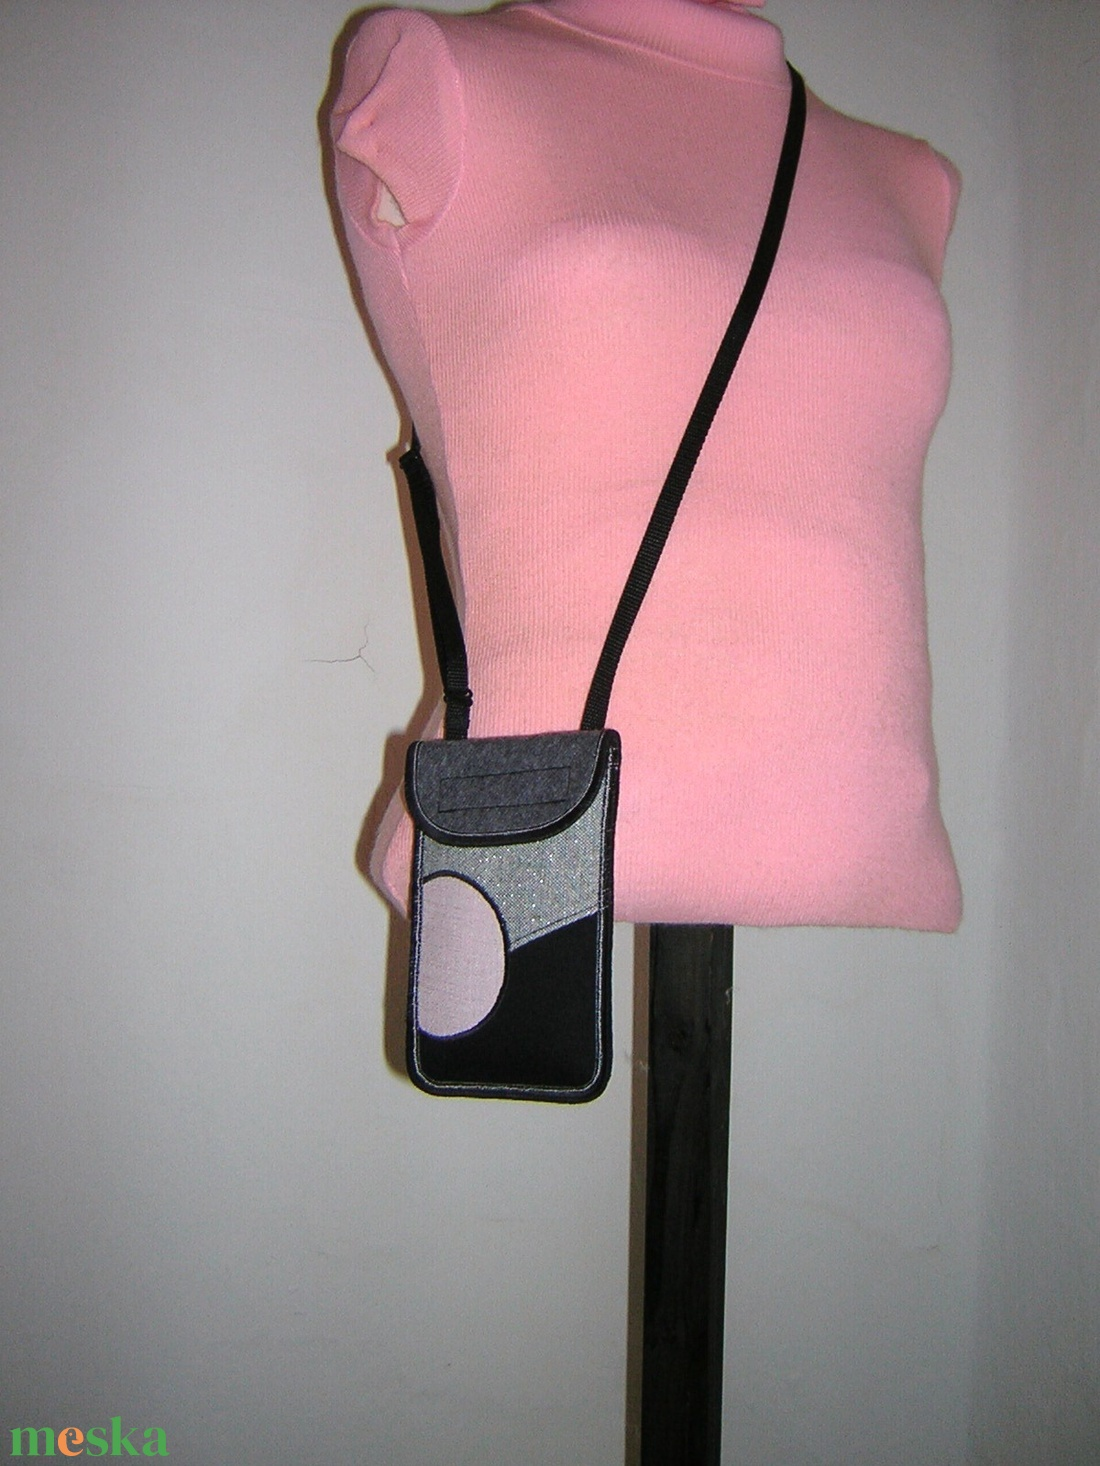 Mobiltok szabályozható pánttal Plusz-os méretű telefonokhoz  XL-es tok nyakba akasztható kistáska  - táska & tok - pénztárca & más tok - telefontok - Meska.hu